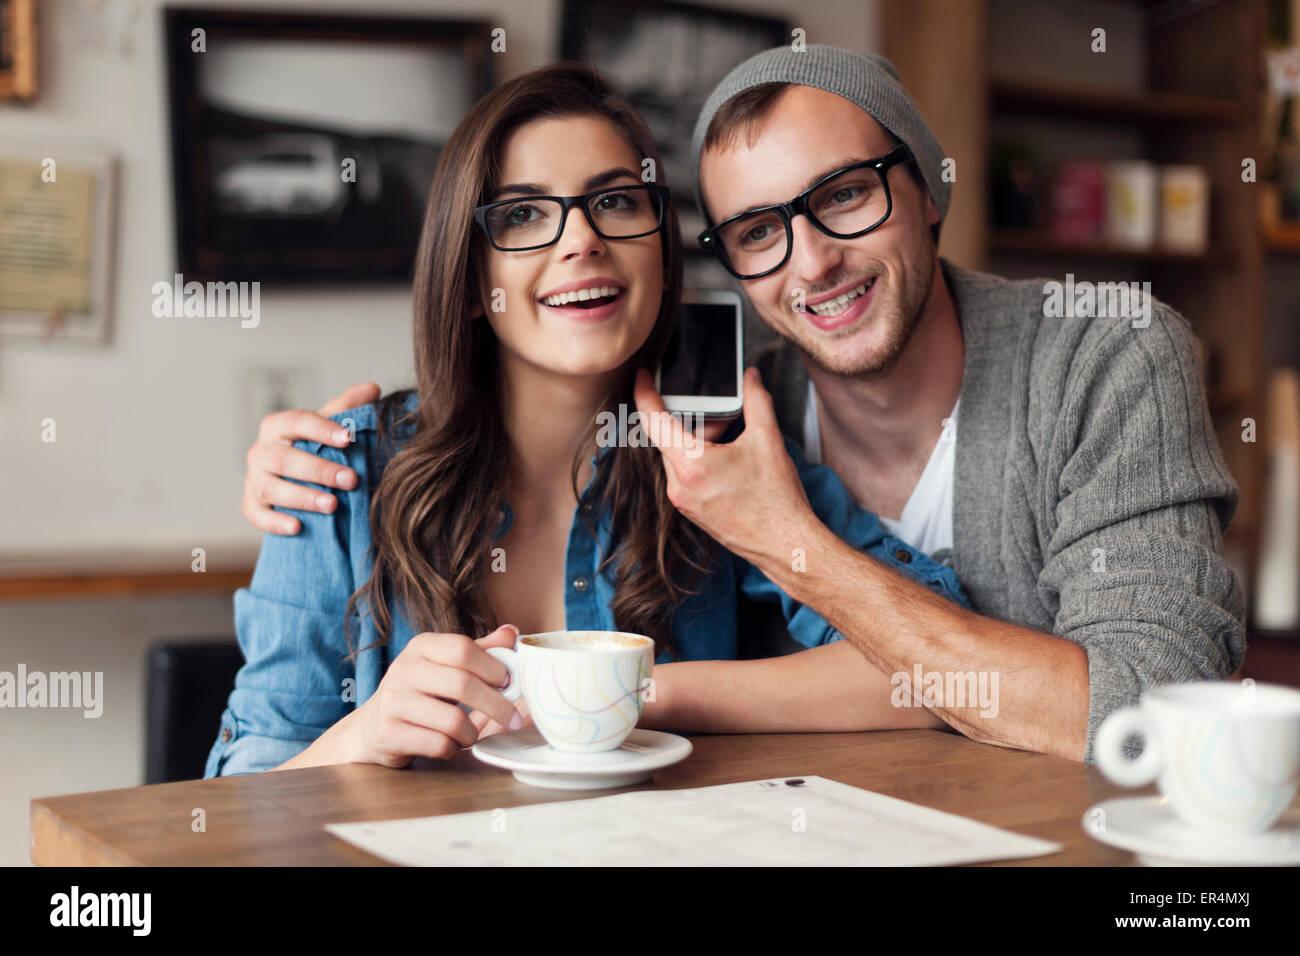 Joven pareja feliz escuchando la voz desde un teléfono móvil. Cracovia, Polonia Imagen De Stock